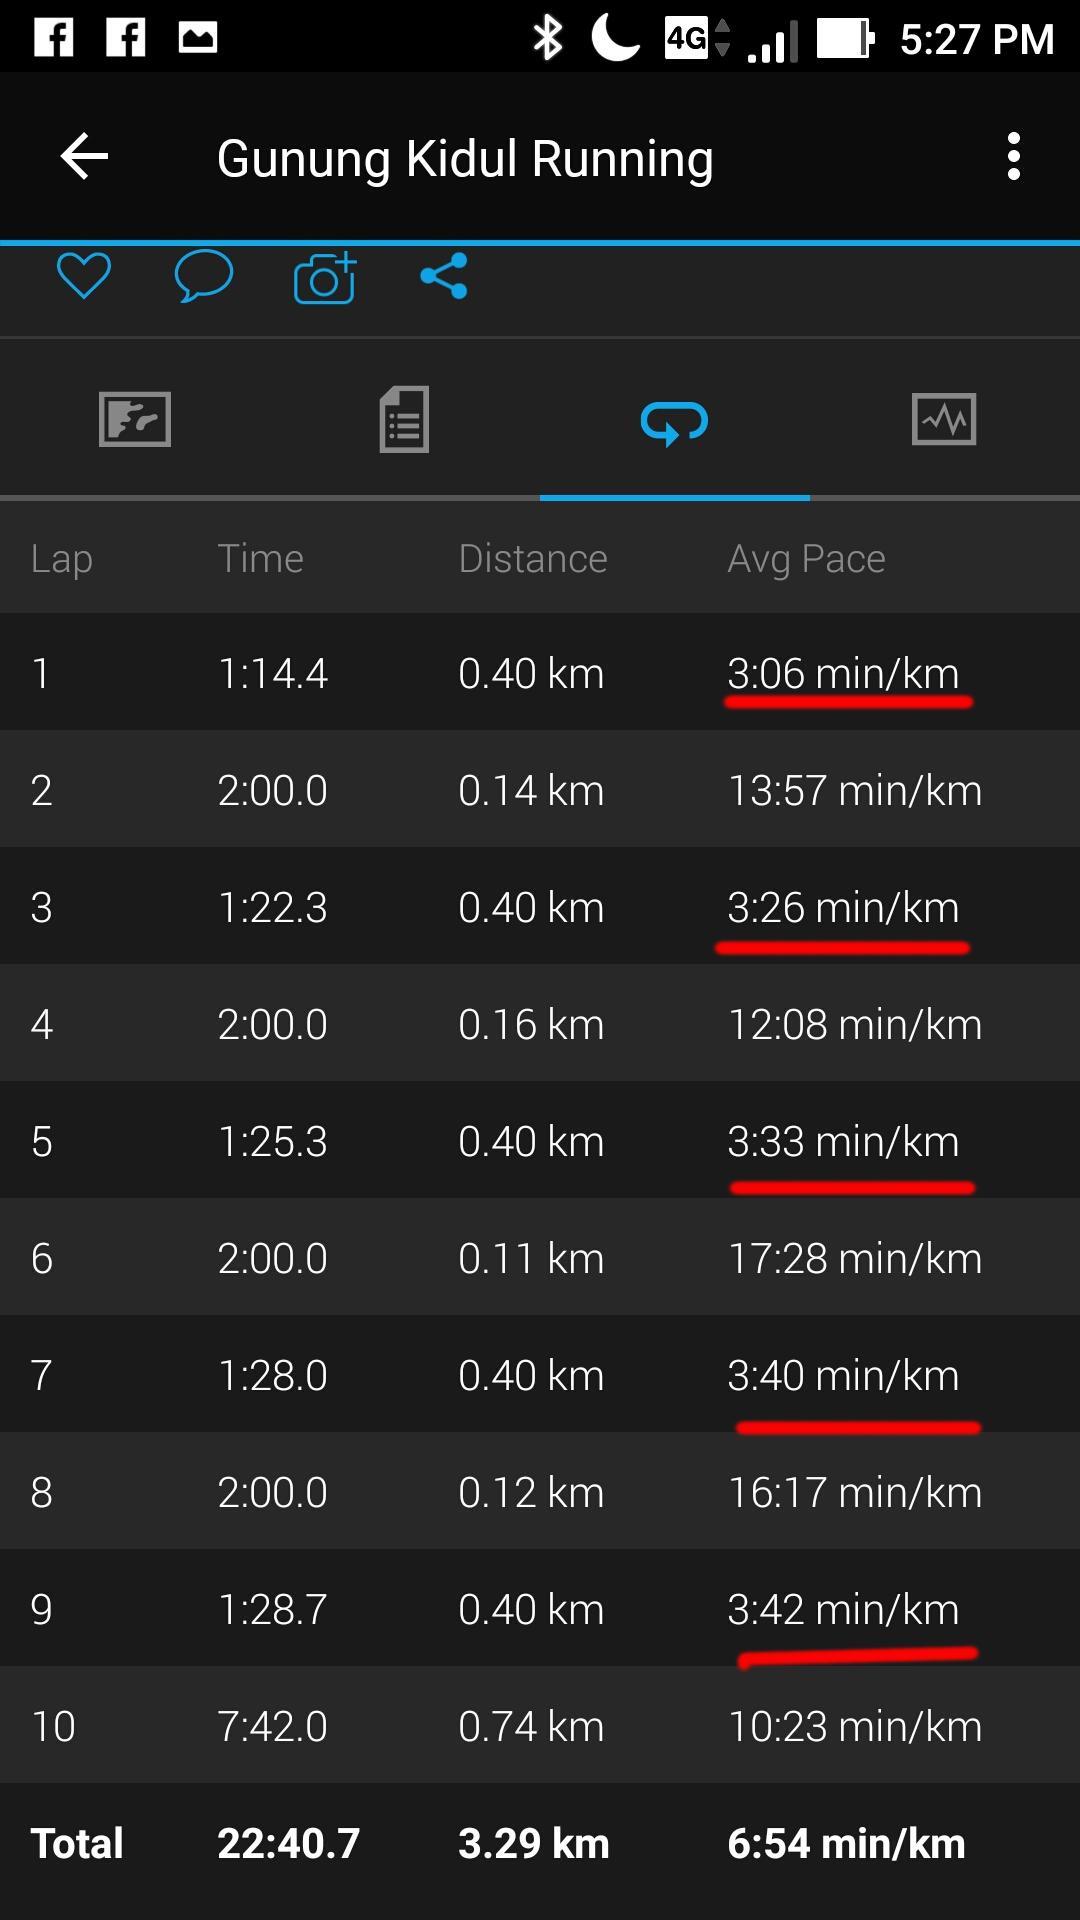 Trik Lari 12 Menit : menit, Latihan, Interval, Tanpa, Lintasan, Gadget,, Running,, Travelling, Light